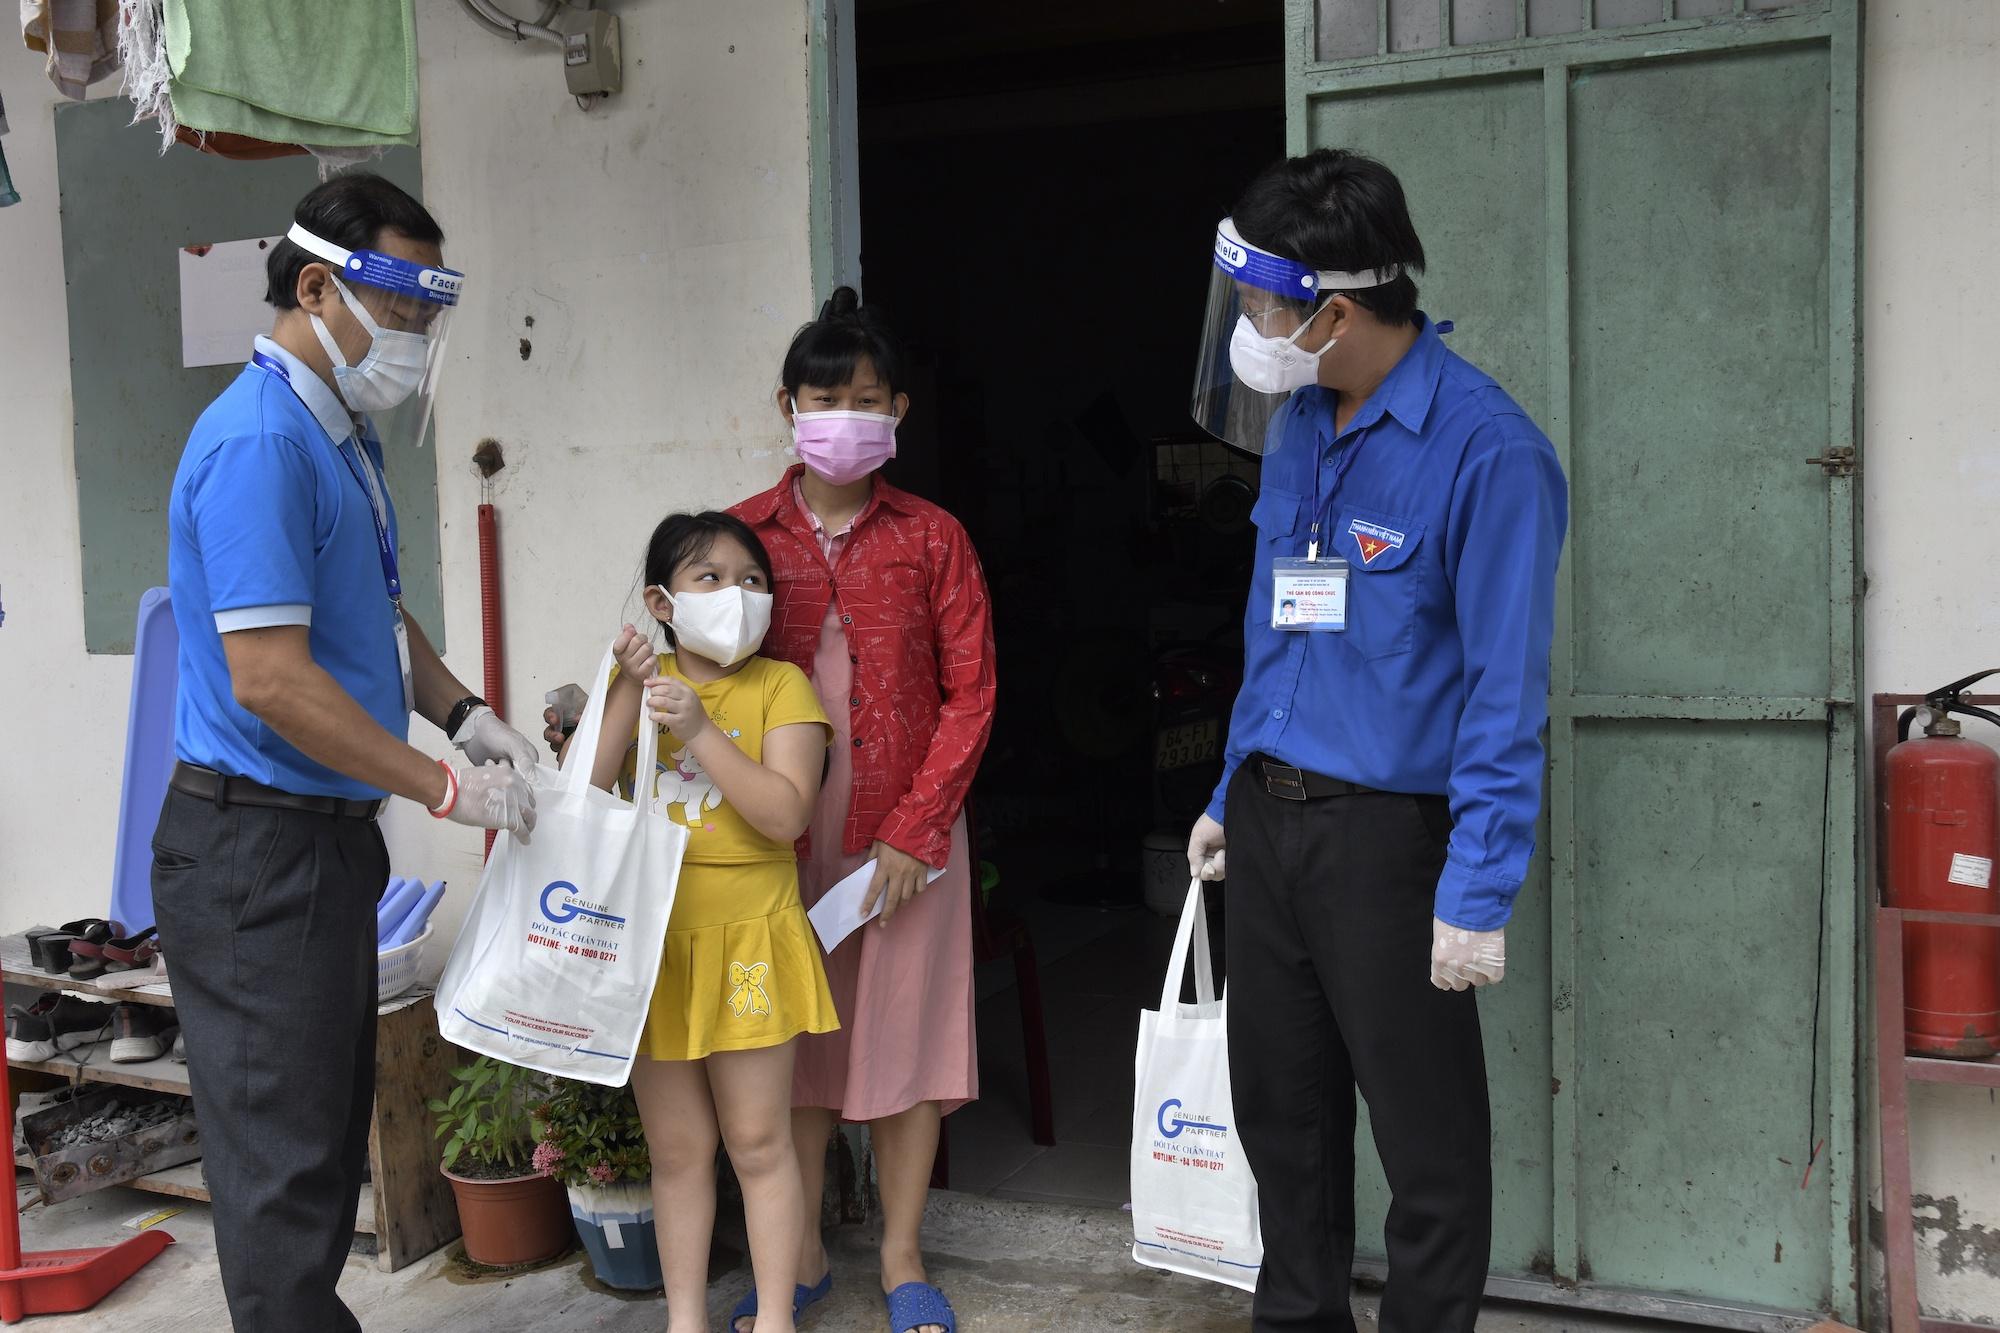 Công nhân treo bảng cầu cứu sữa cho con, nghẹn ngào khi nhận được hỗ trợ - ảnh 3